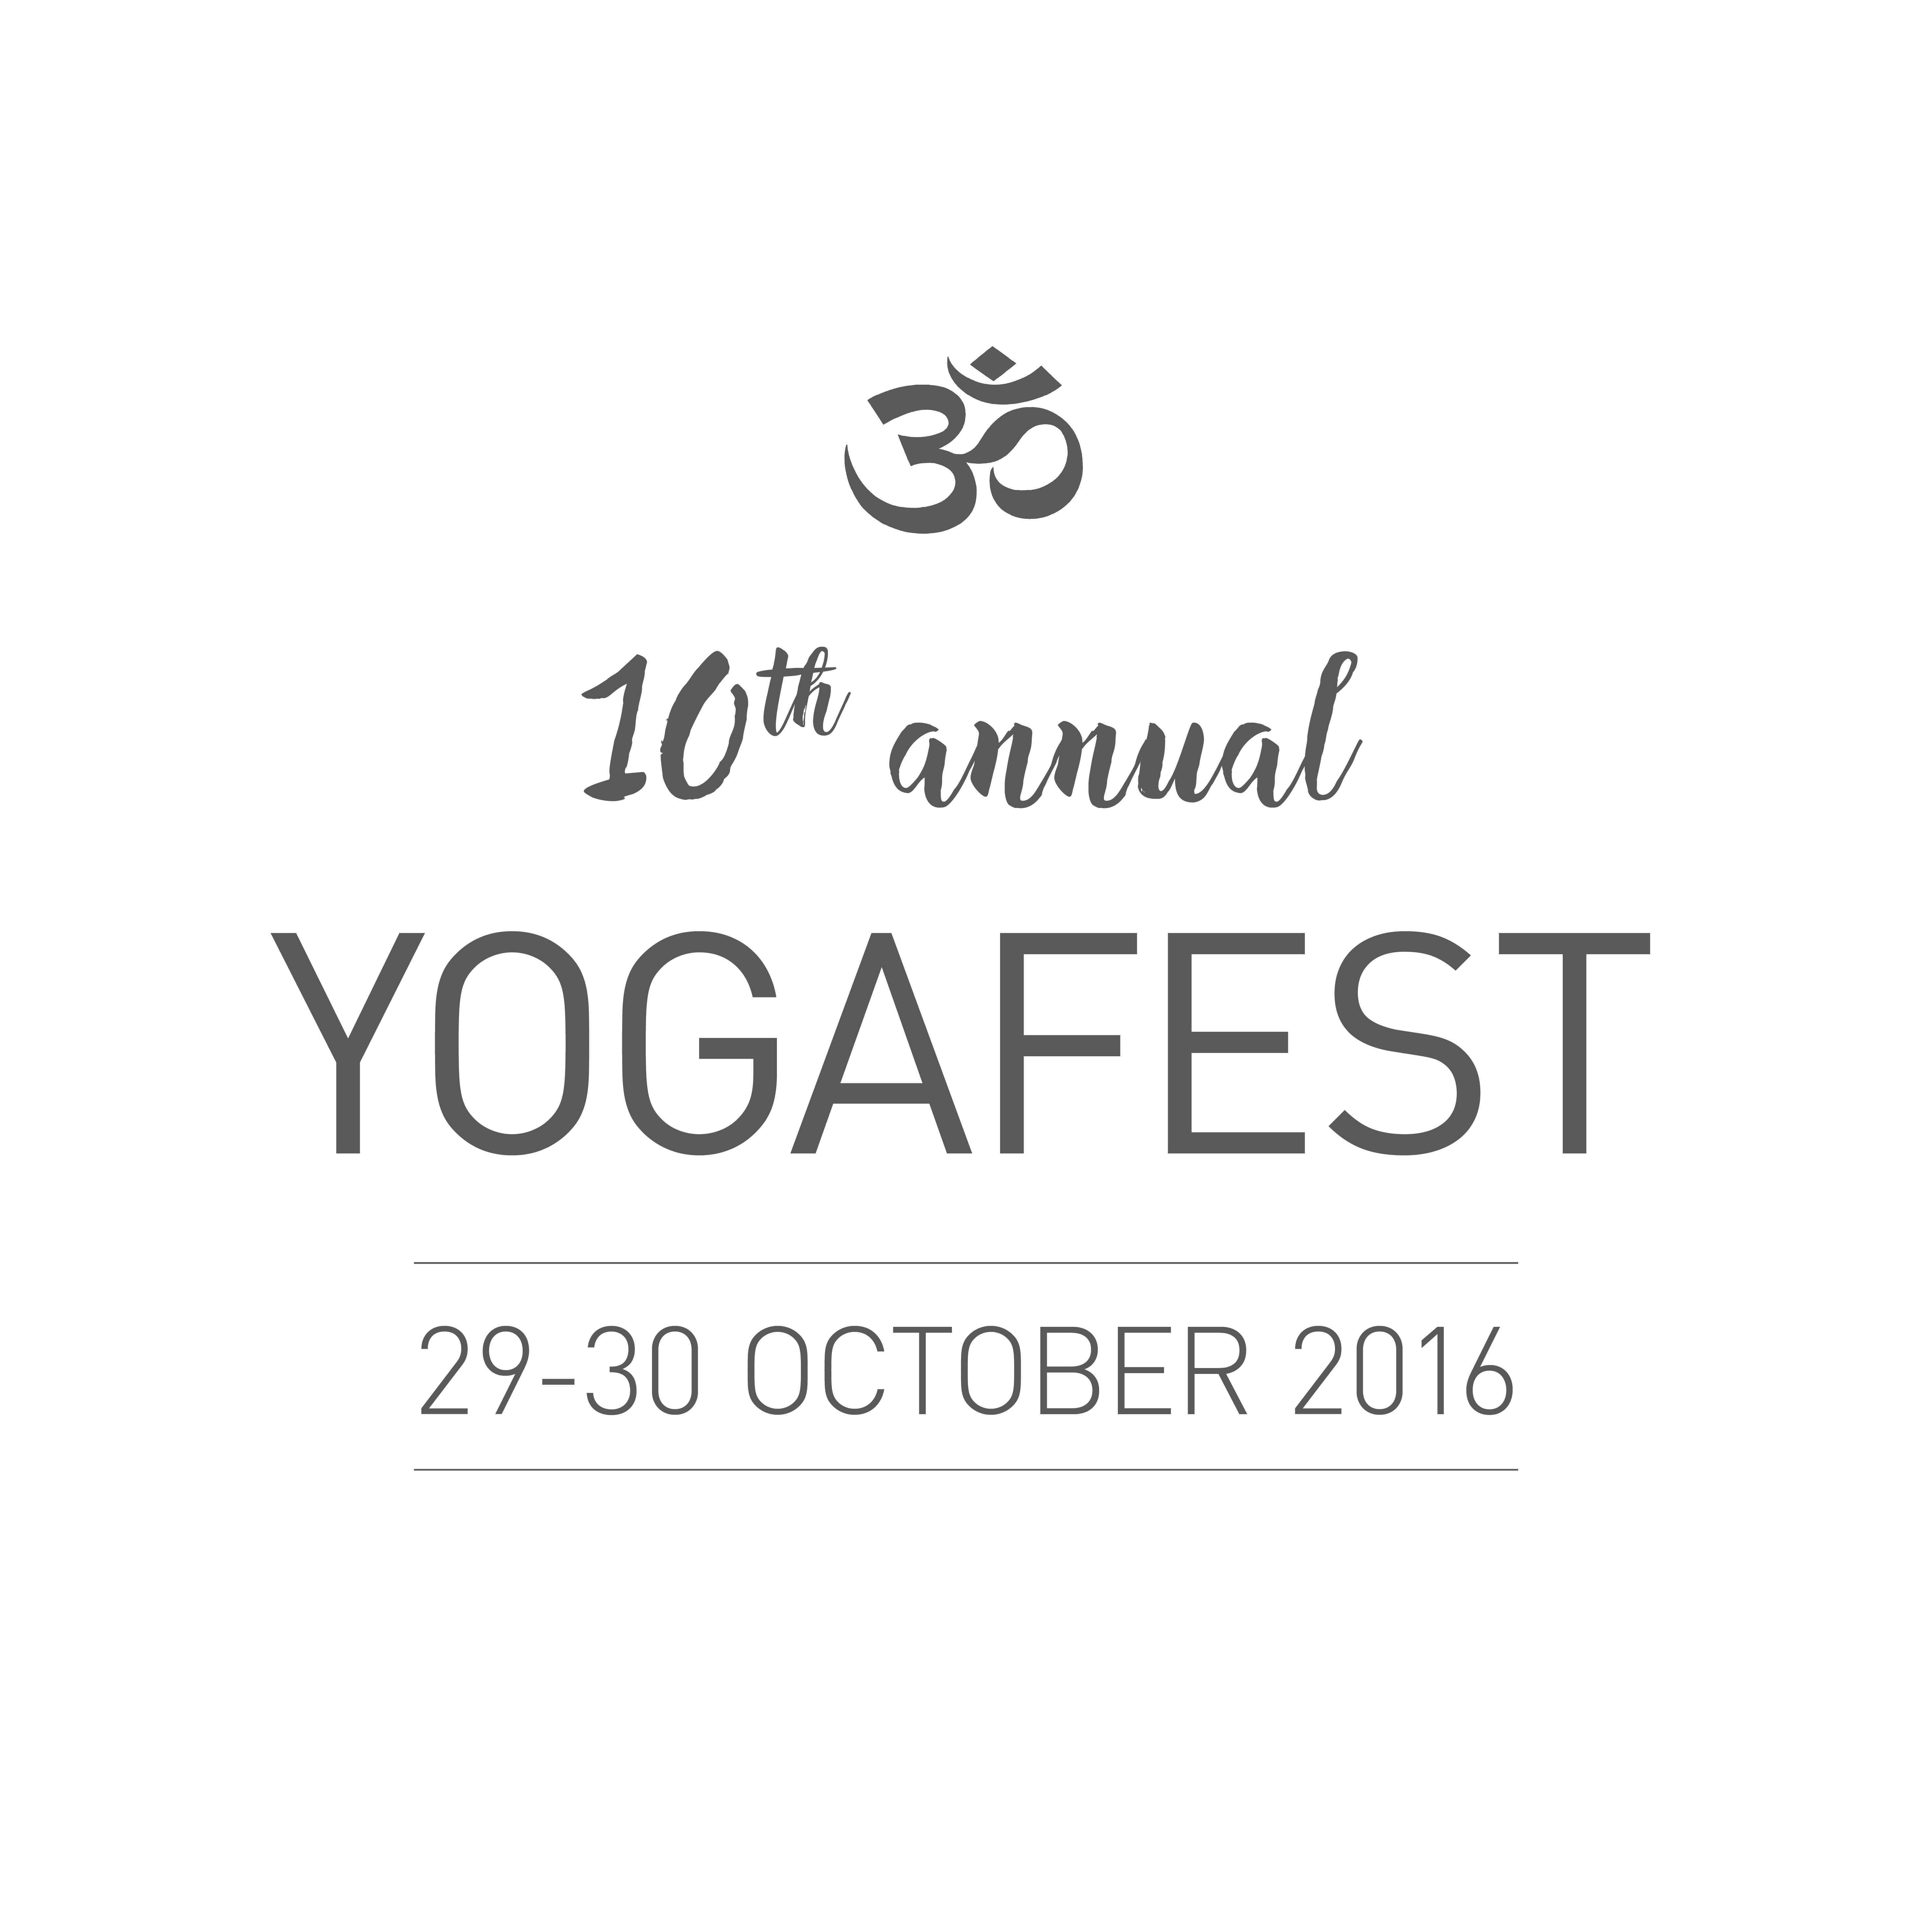 10th annual Yogafest(1)